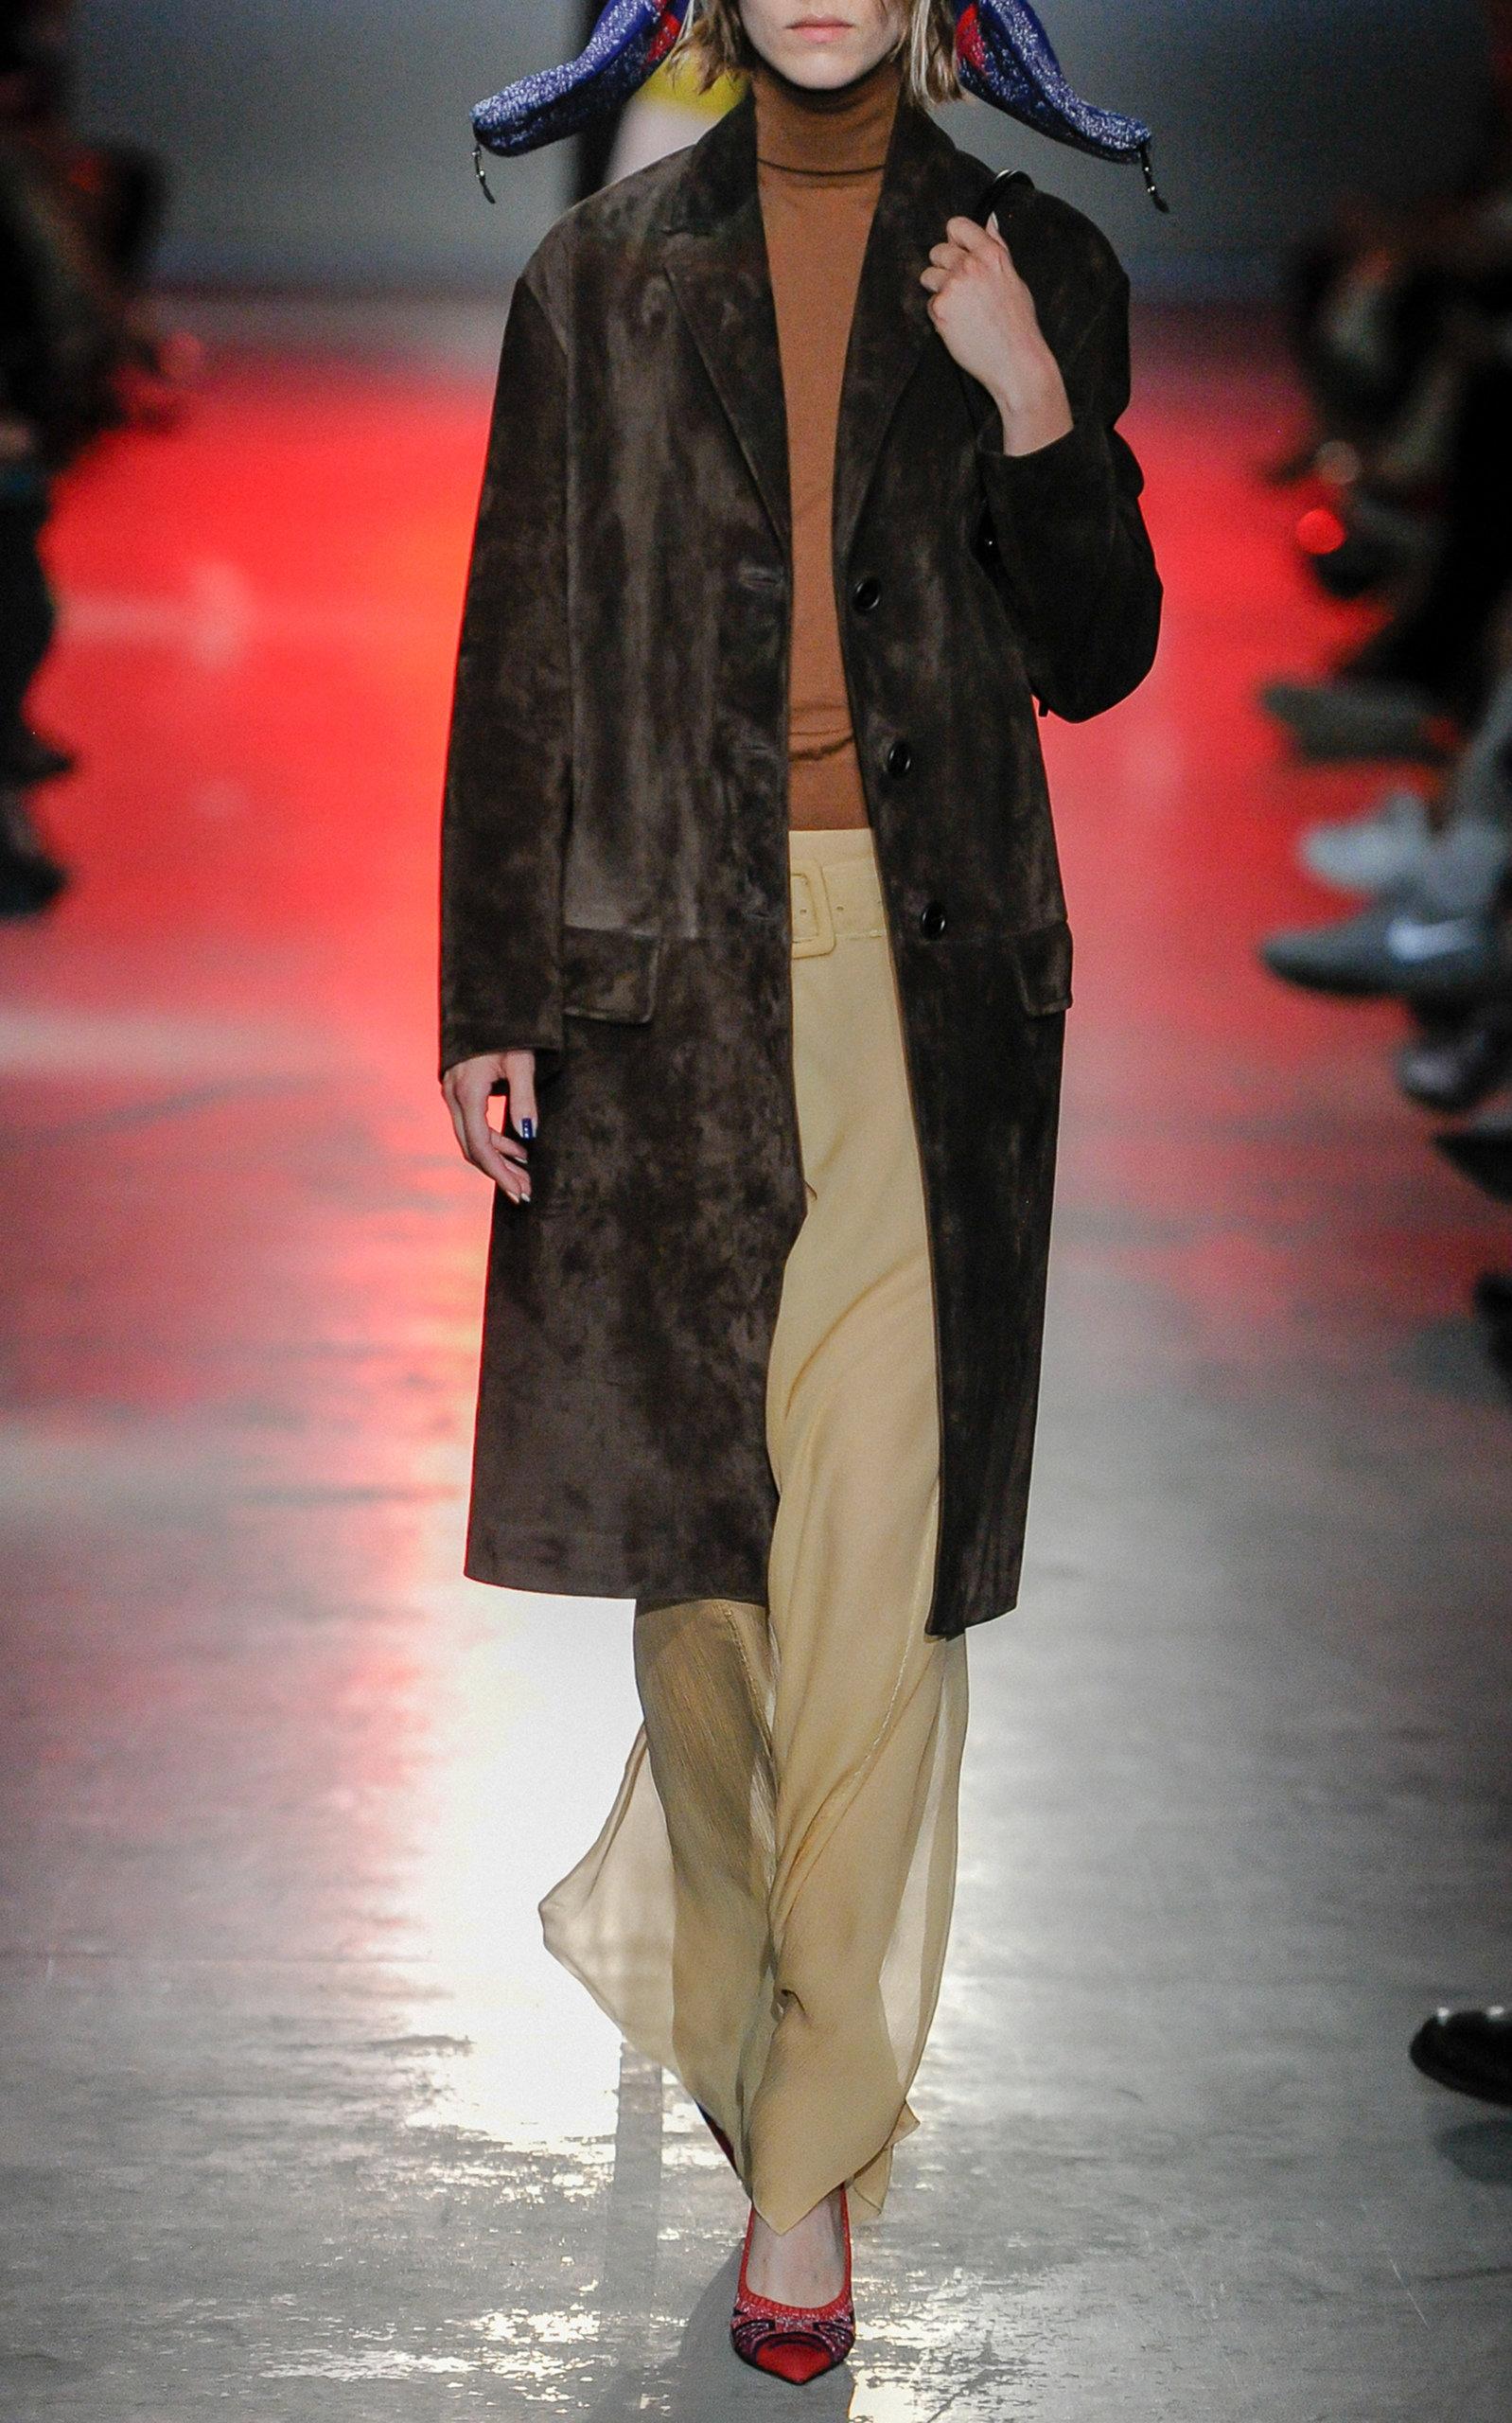 Moda Operandi Prada By Coat Suede qYfA66